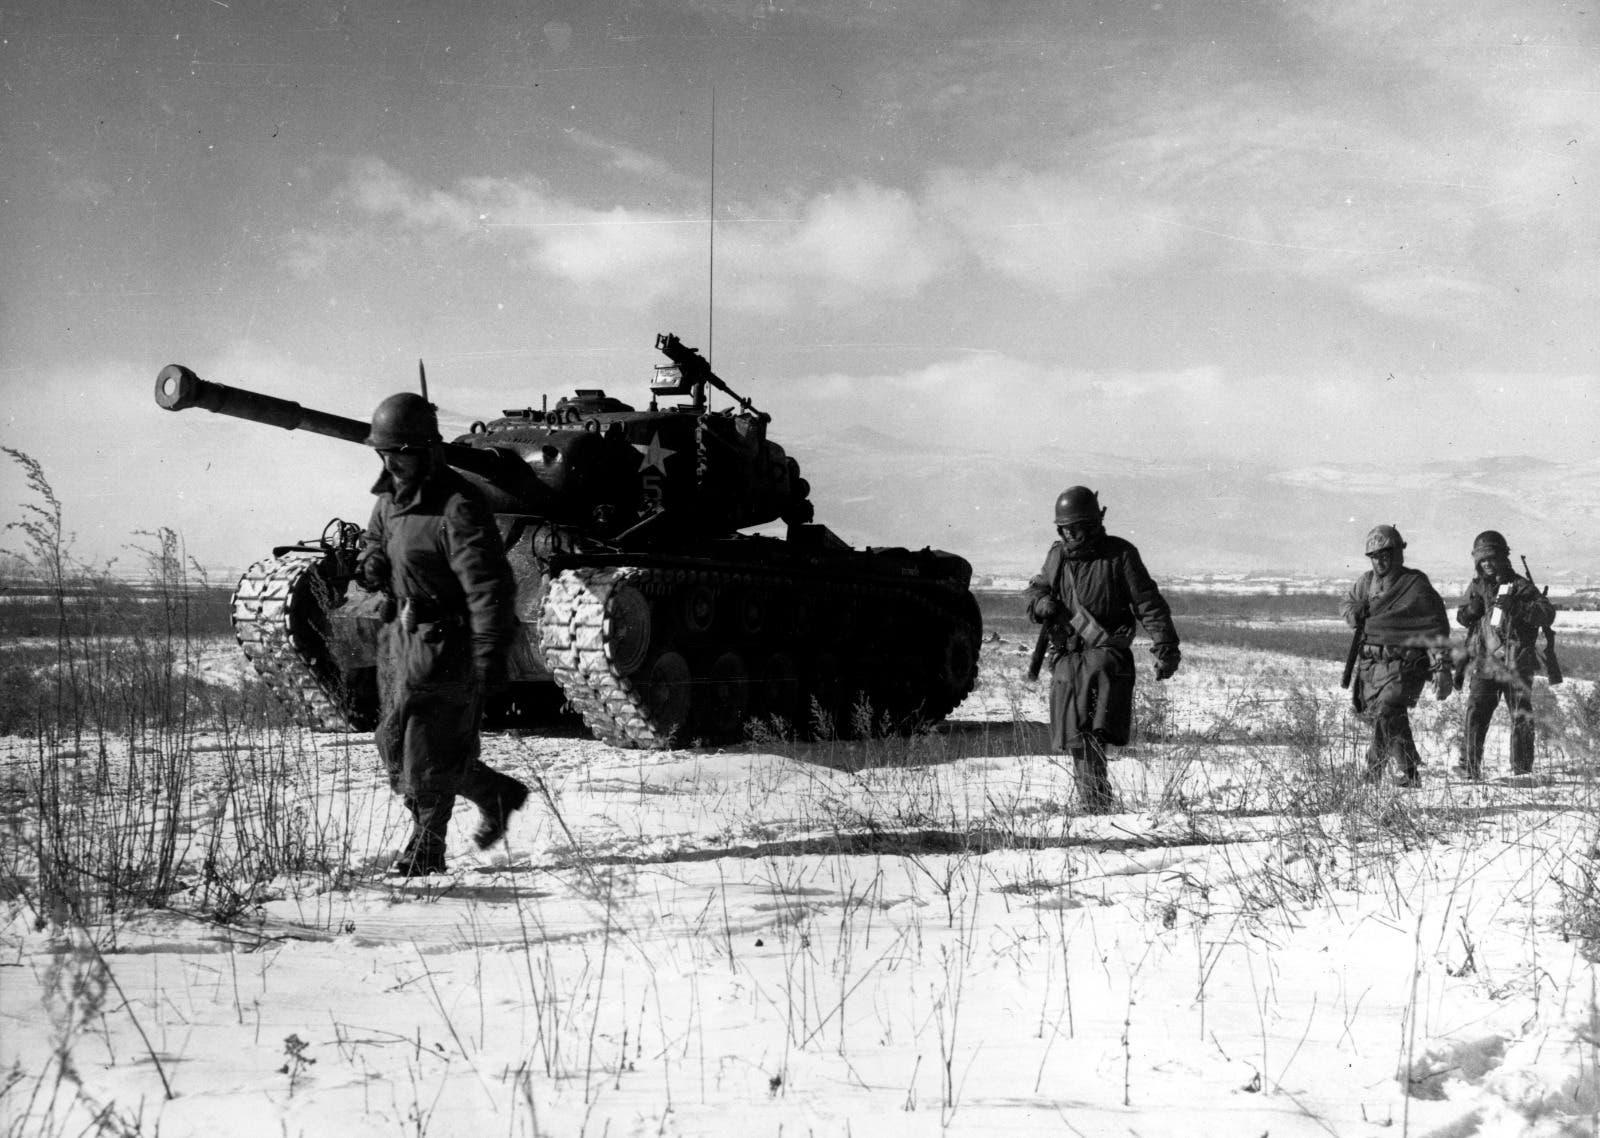 صورة لجنود أميركيين بالحرب الكورية